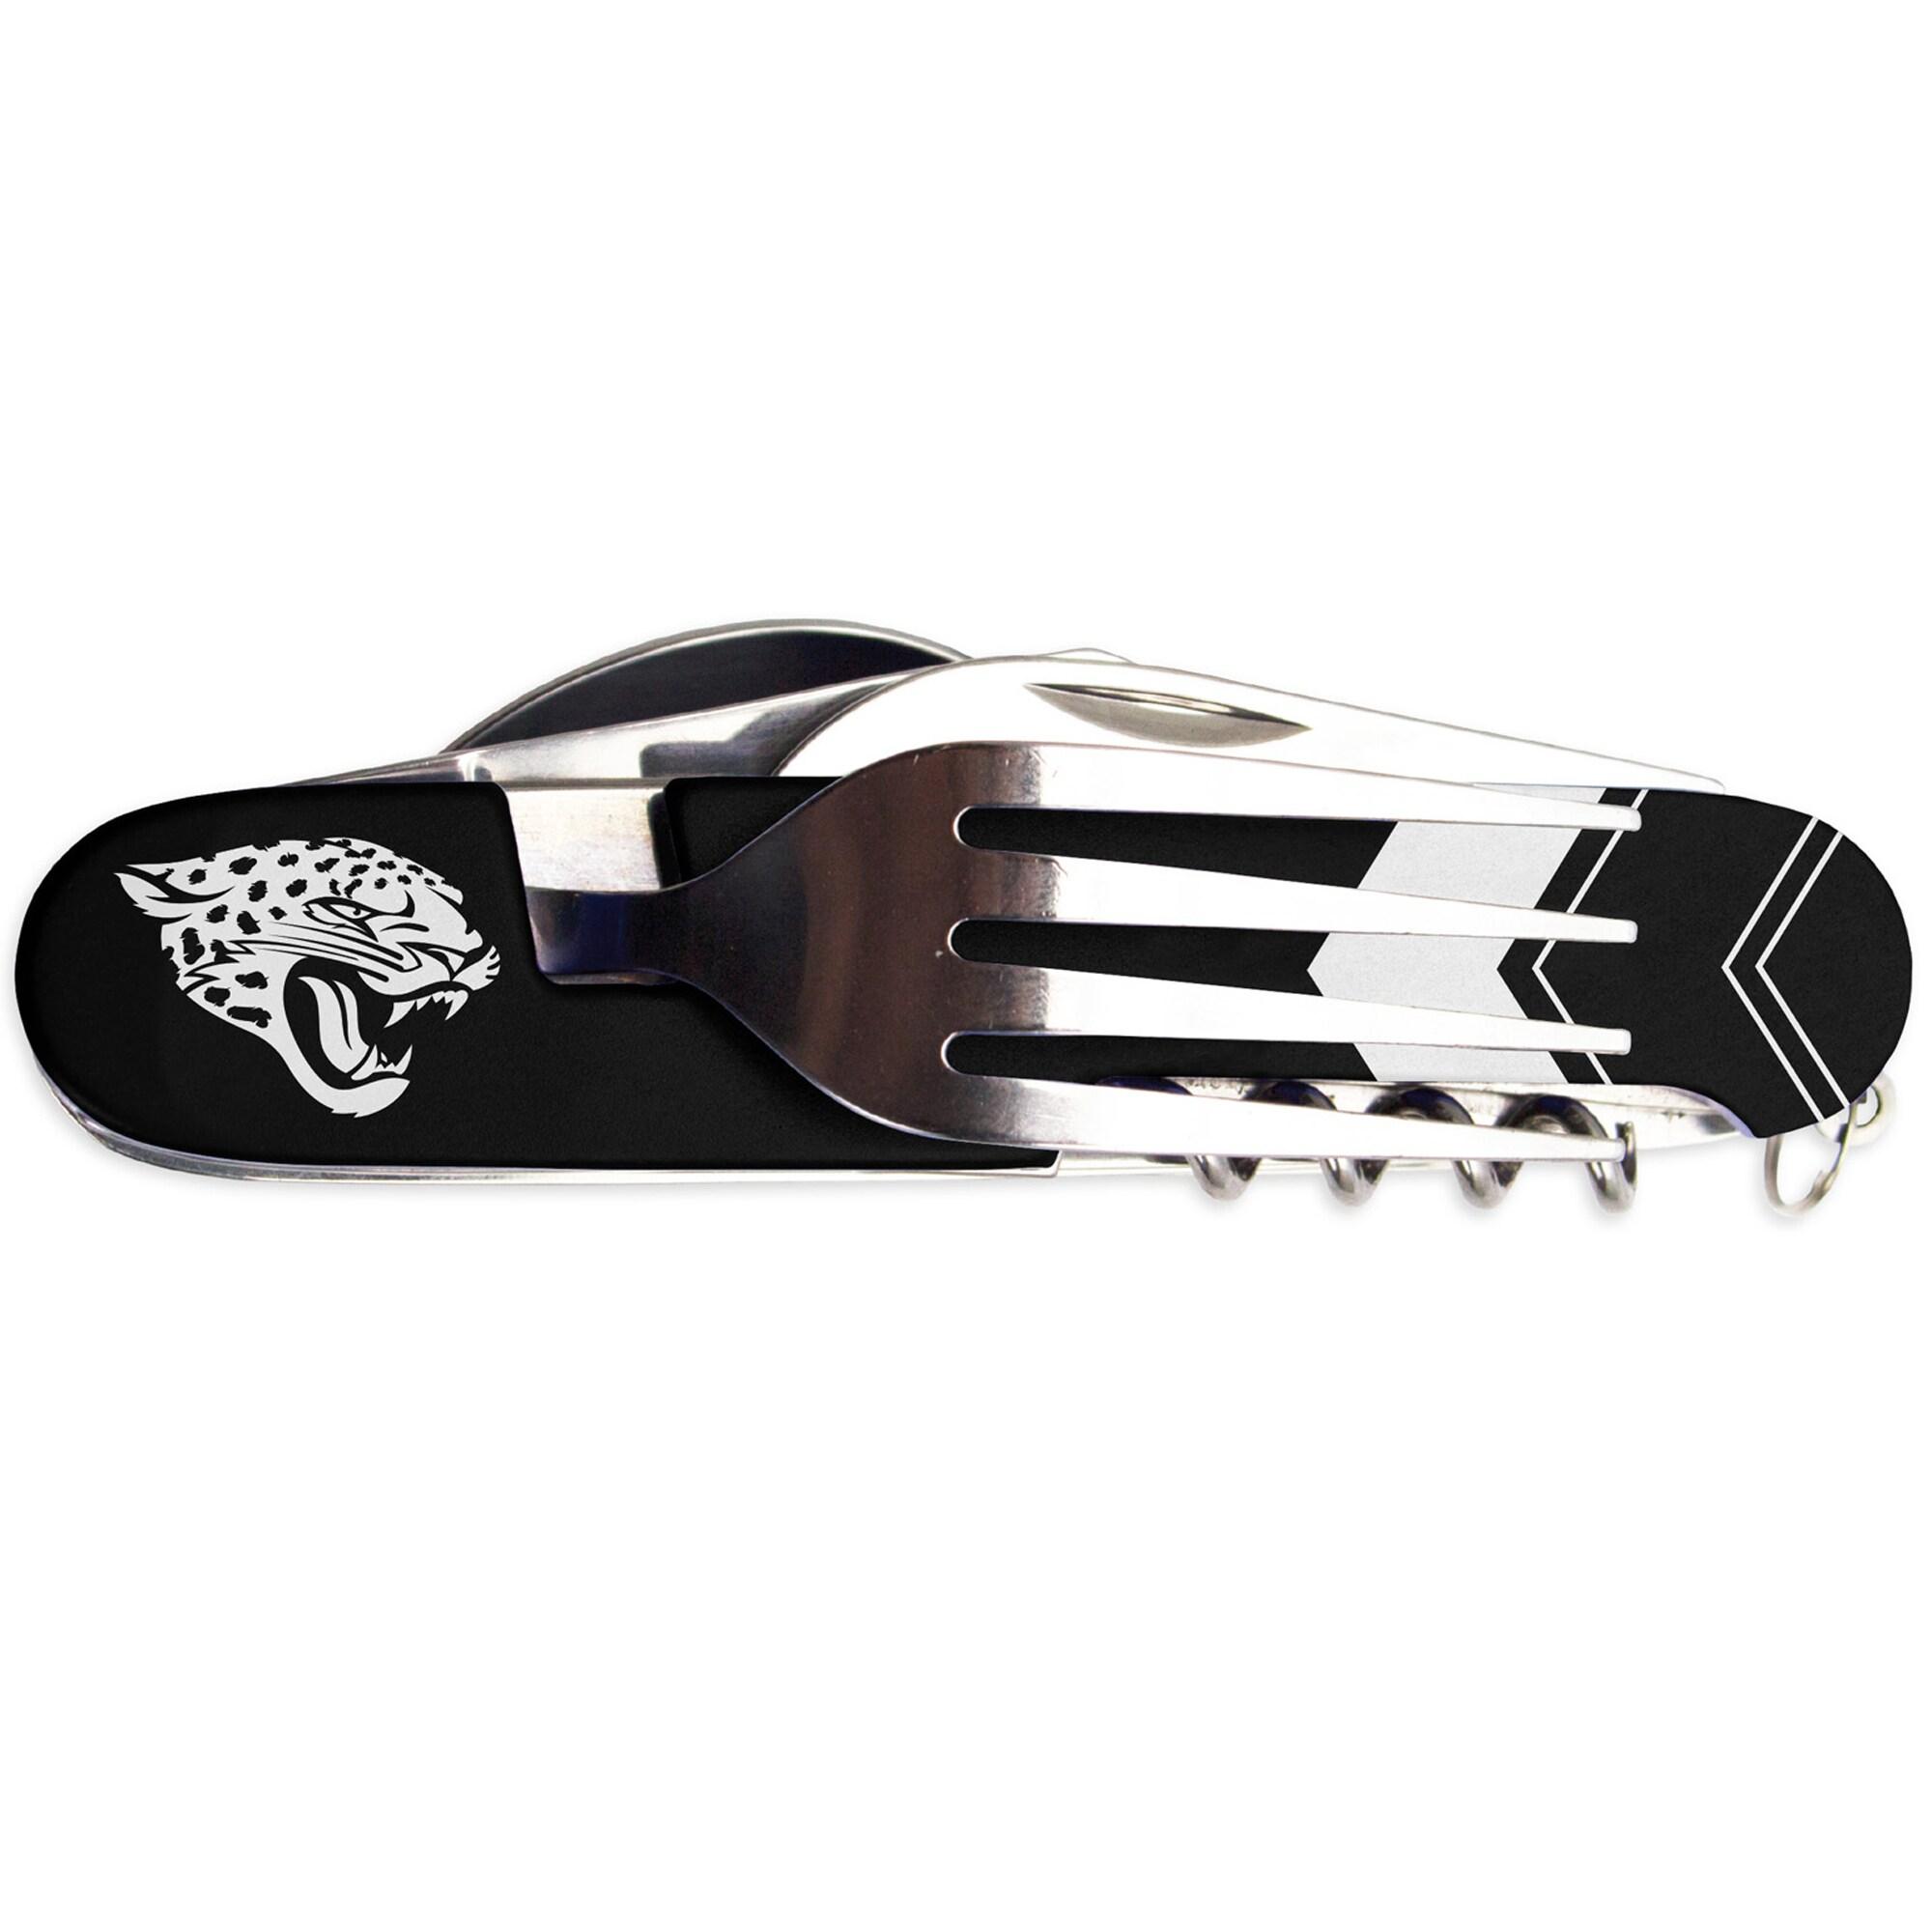 Jacksonville Jaguars Utensil Multi-Tool - Black